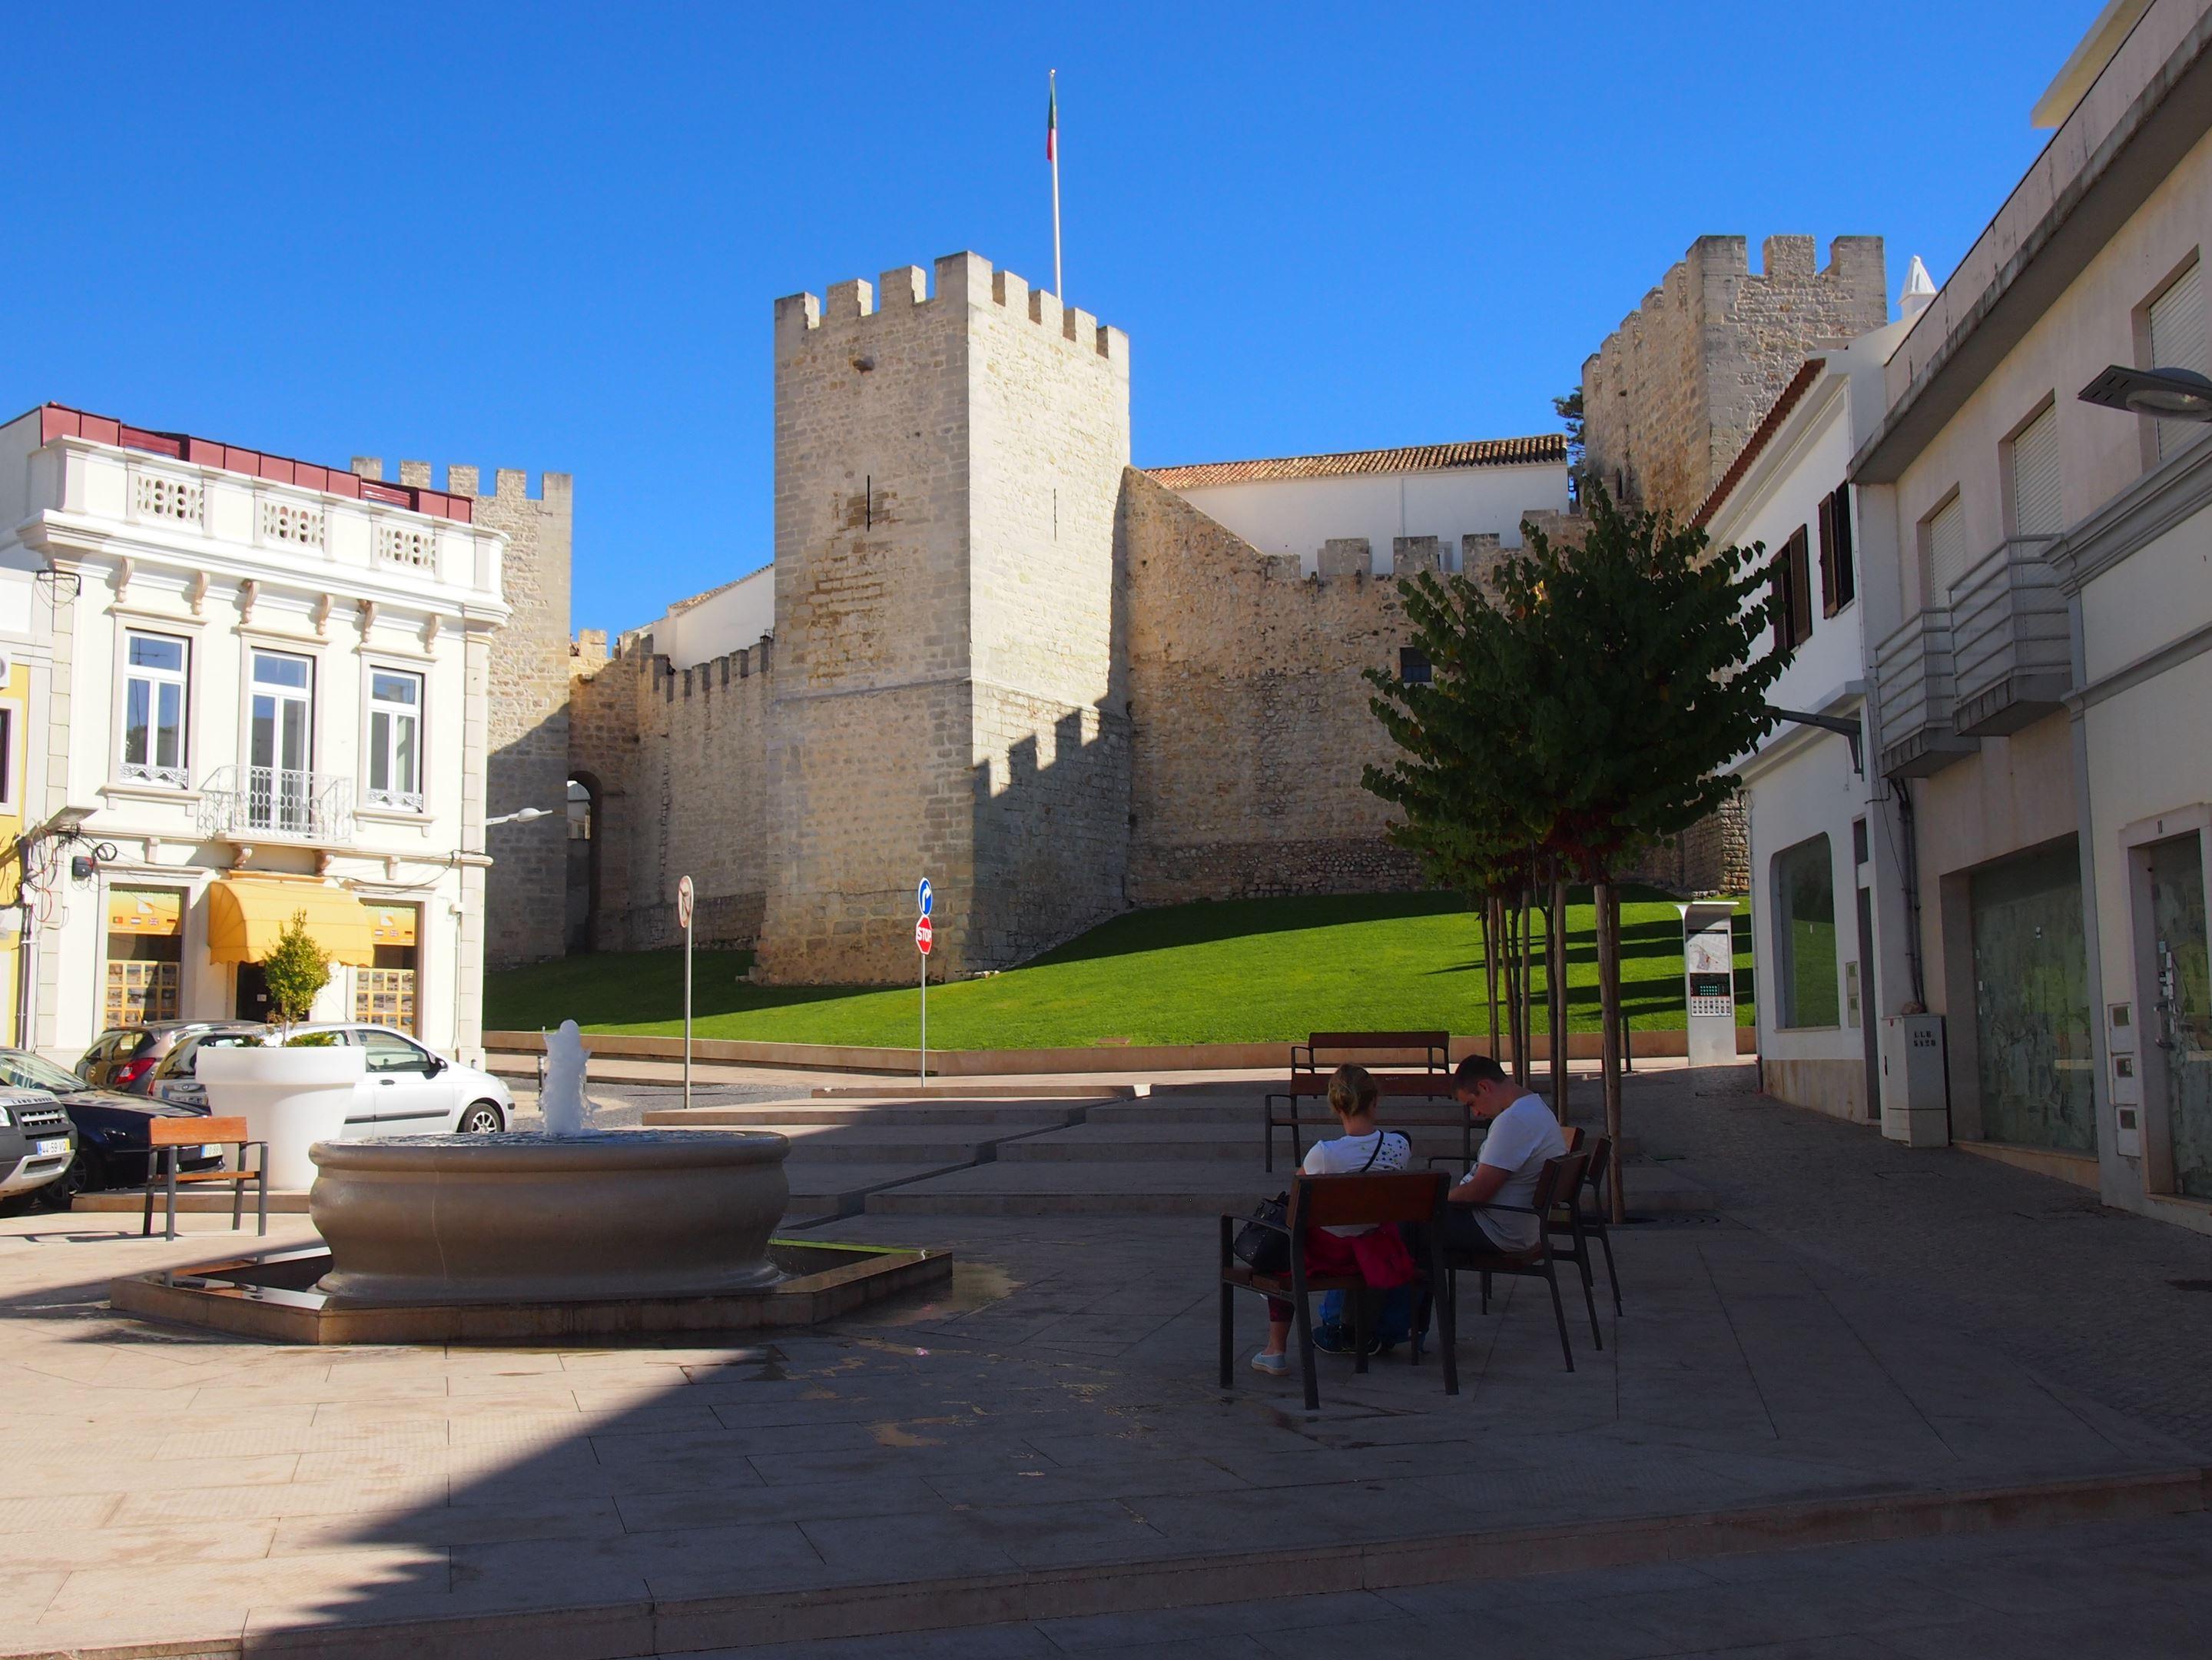 Chateau de Loulé, situé dans la vieille ville de Loulé